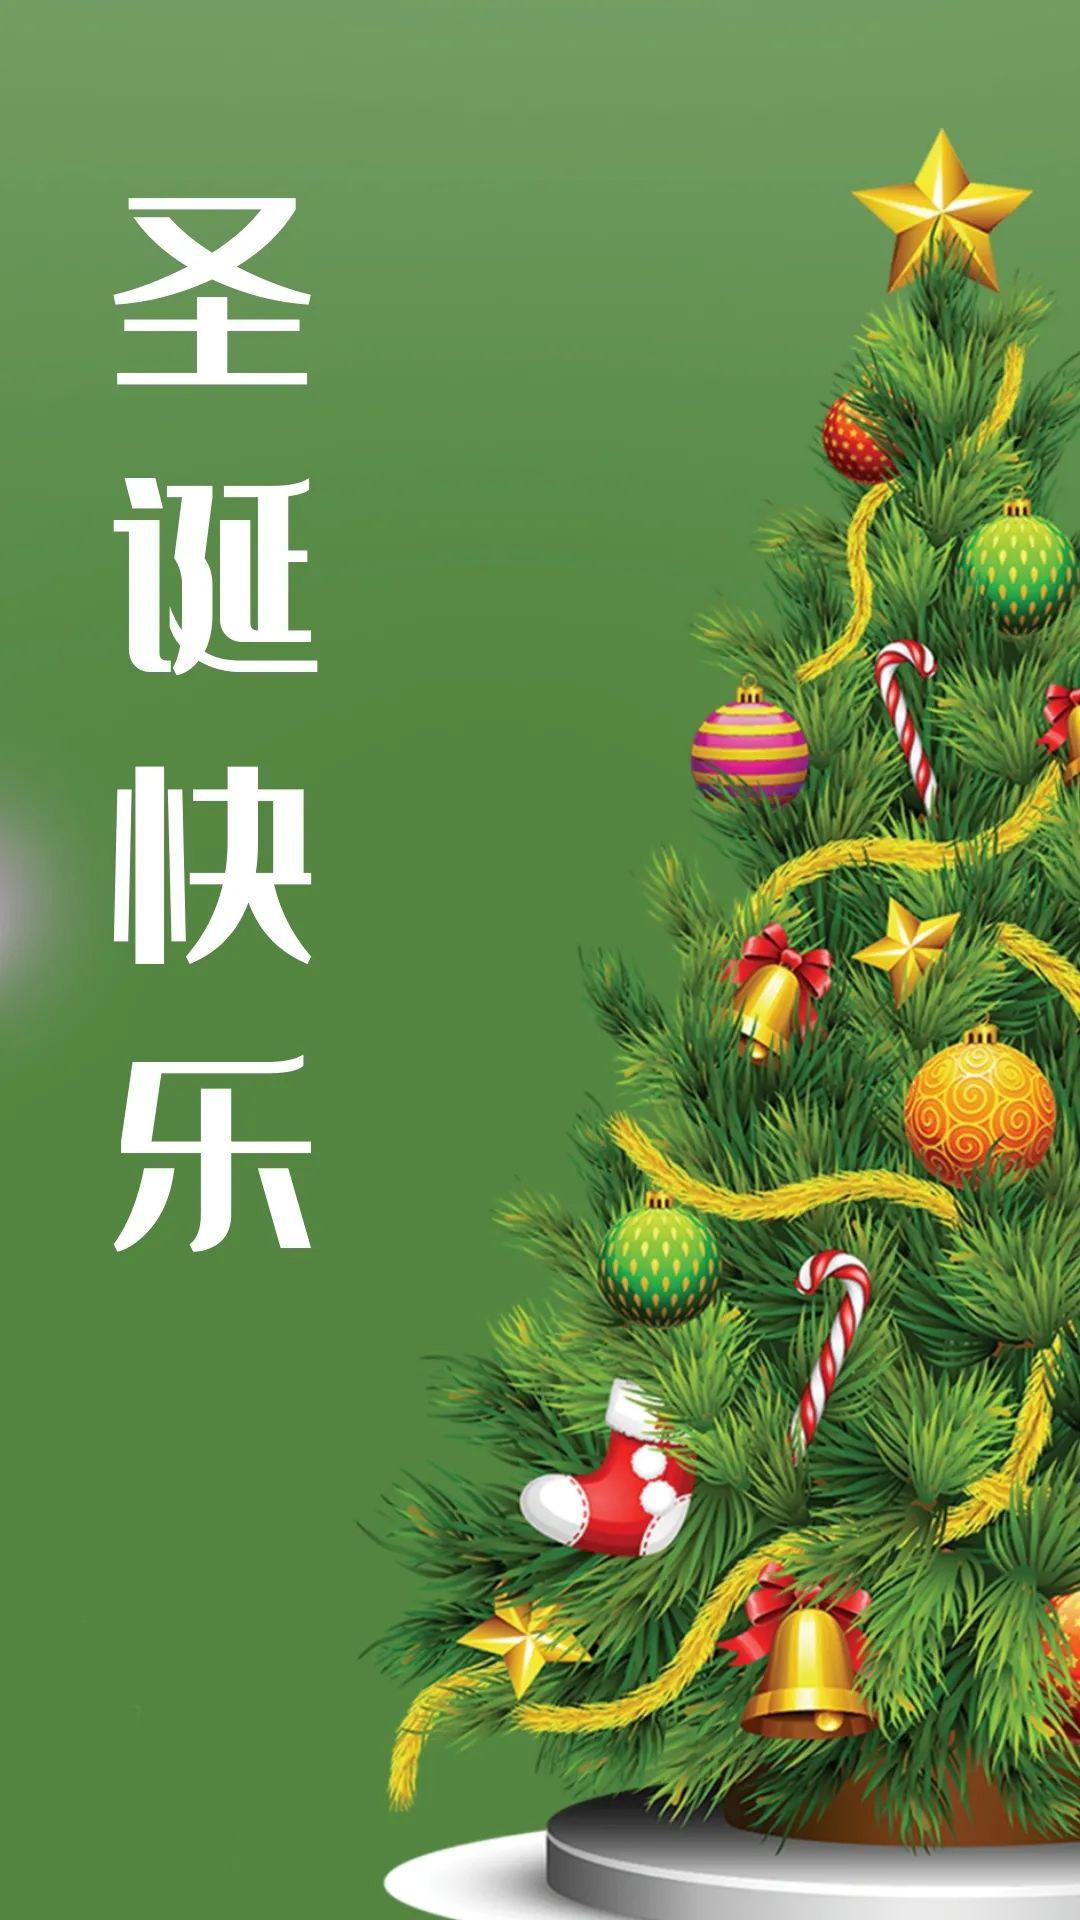 圣诞节朋友圈图片配图大全,圣诞节微信文案说说短句